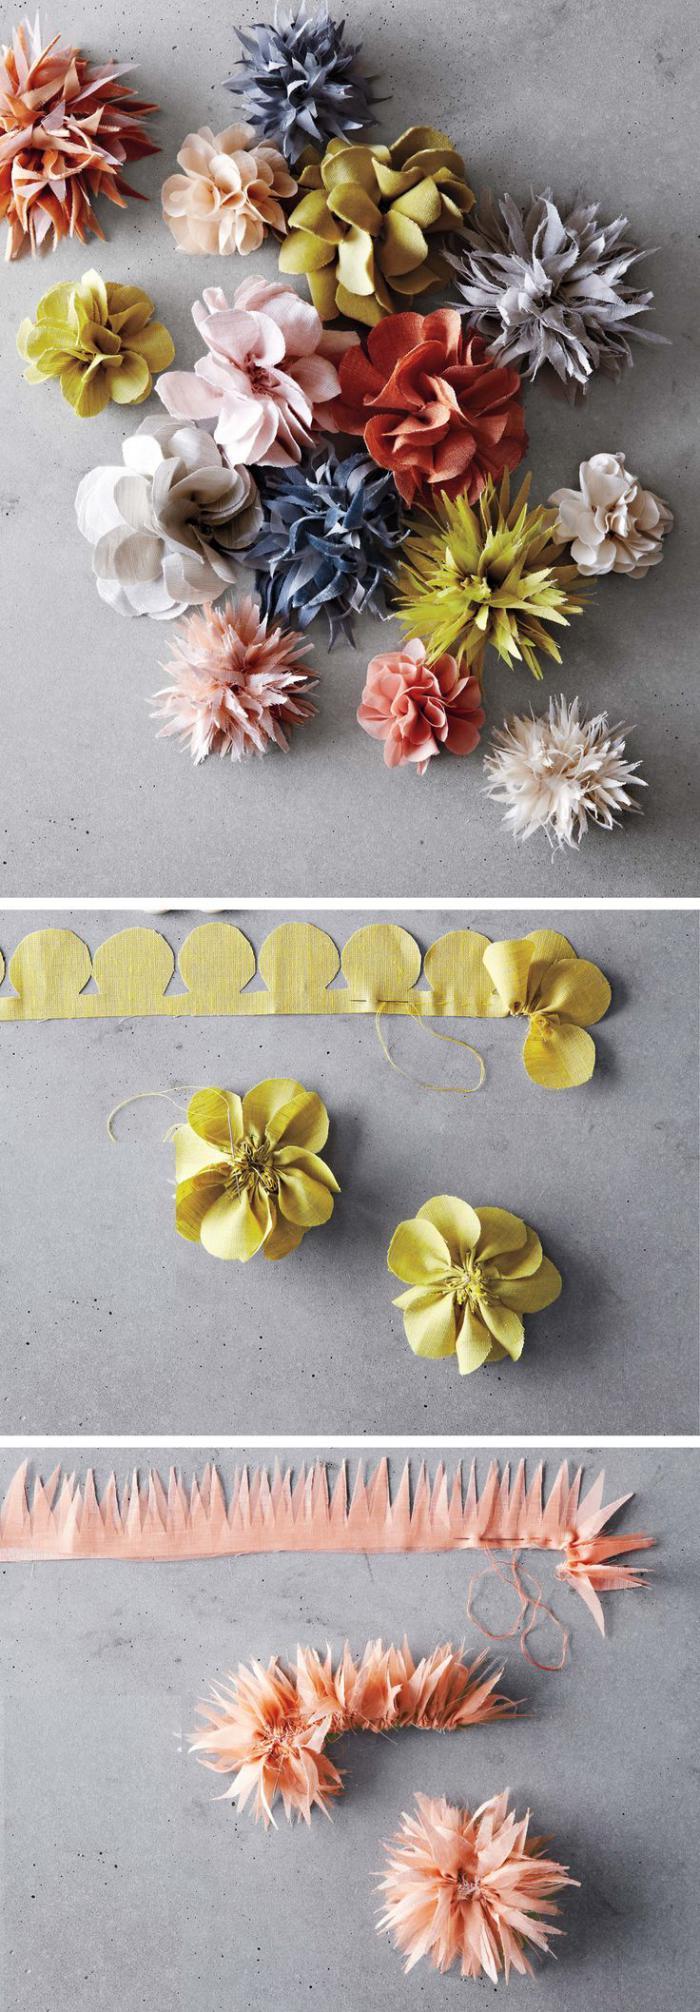 fleurs-en-feutrine-idée-tutoriel-comment-faire-des-fleurs-en-feutrine